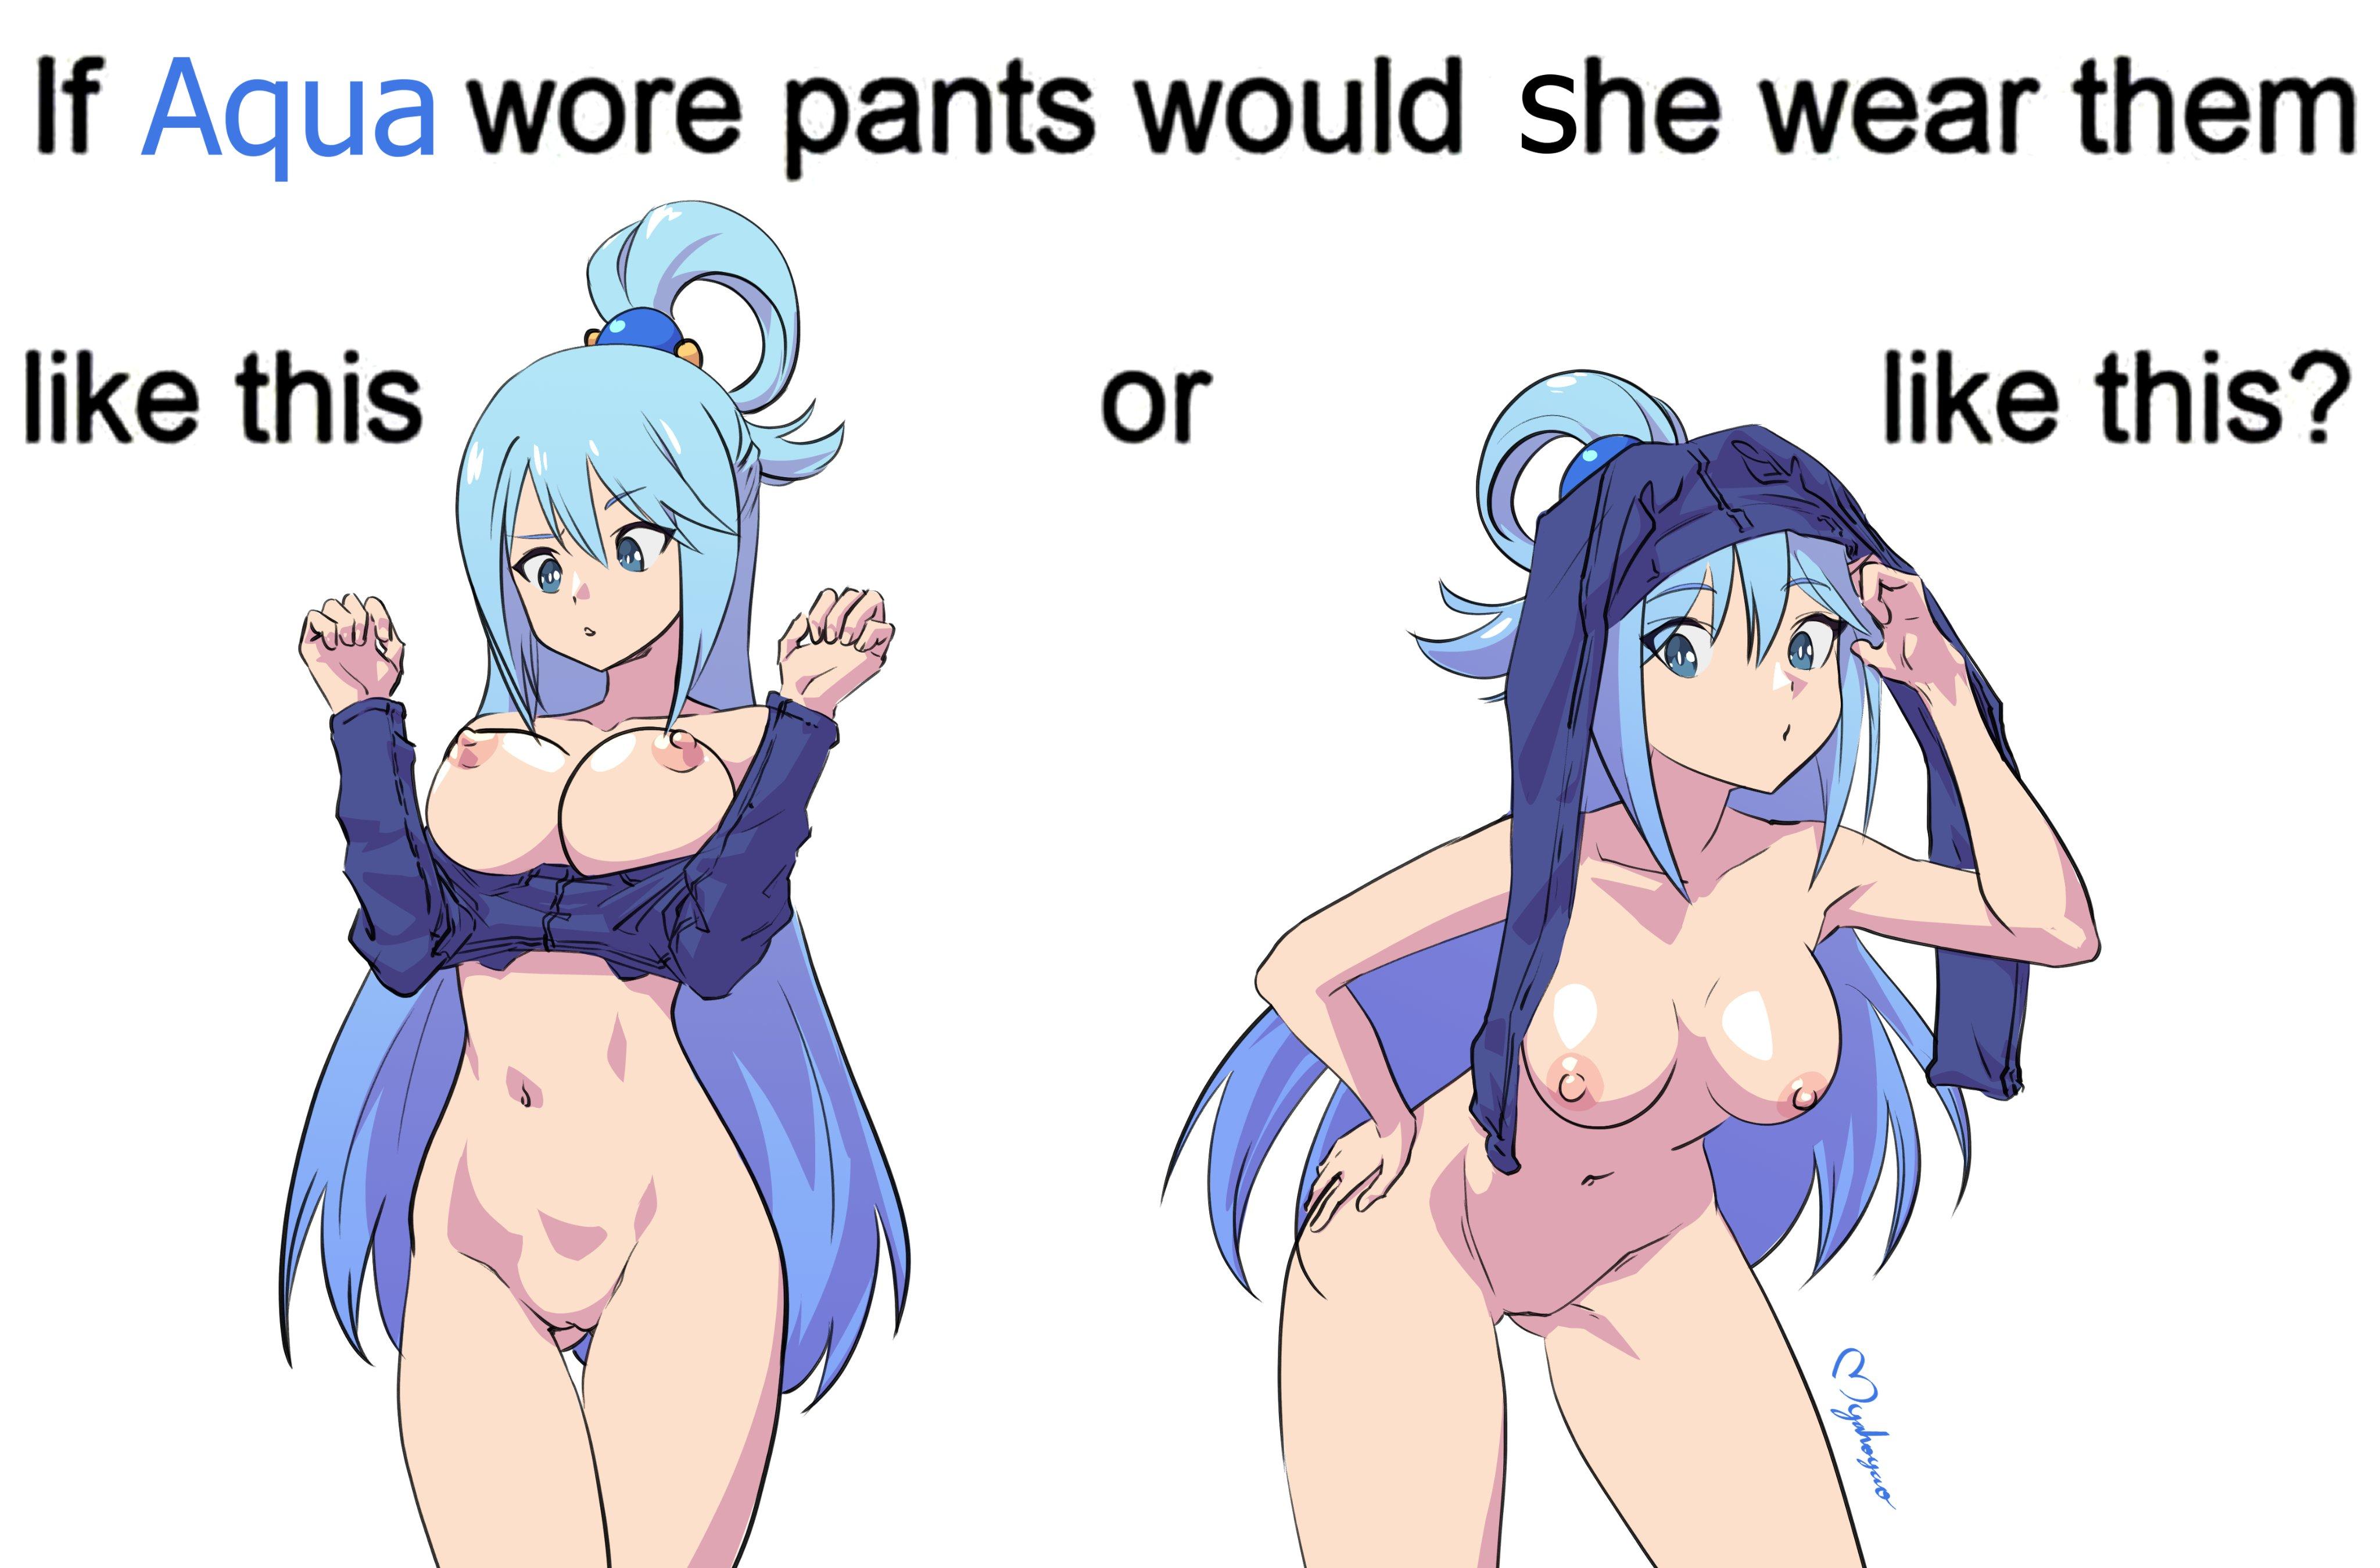 Если аква наденет штаны: она сделает так или так?